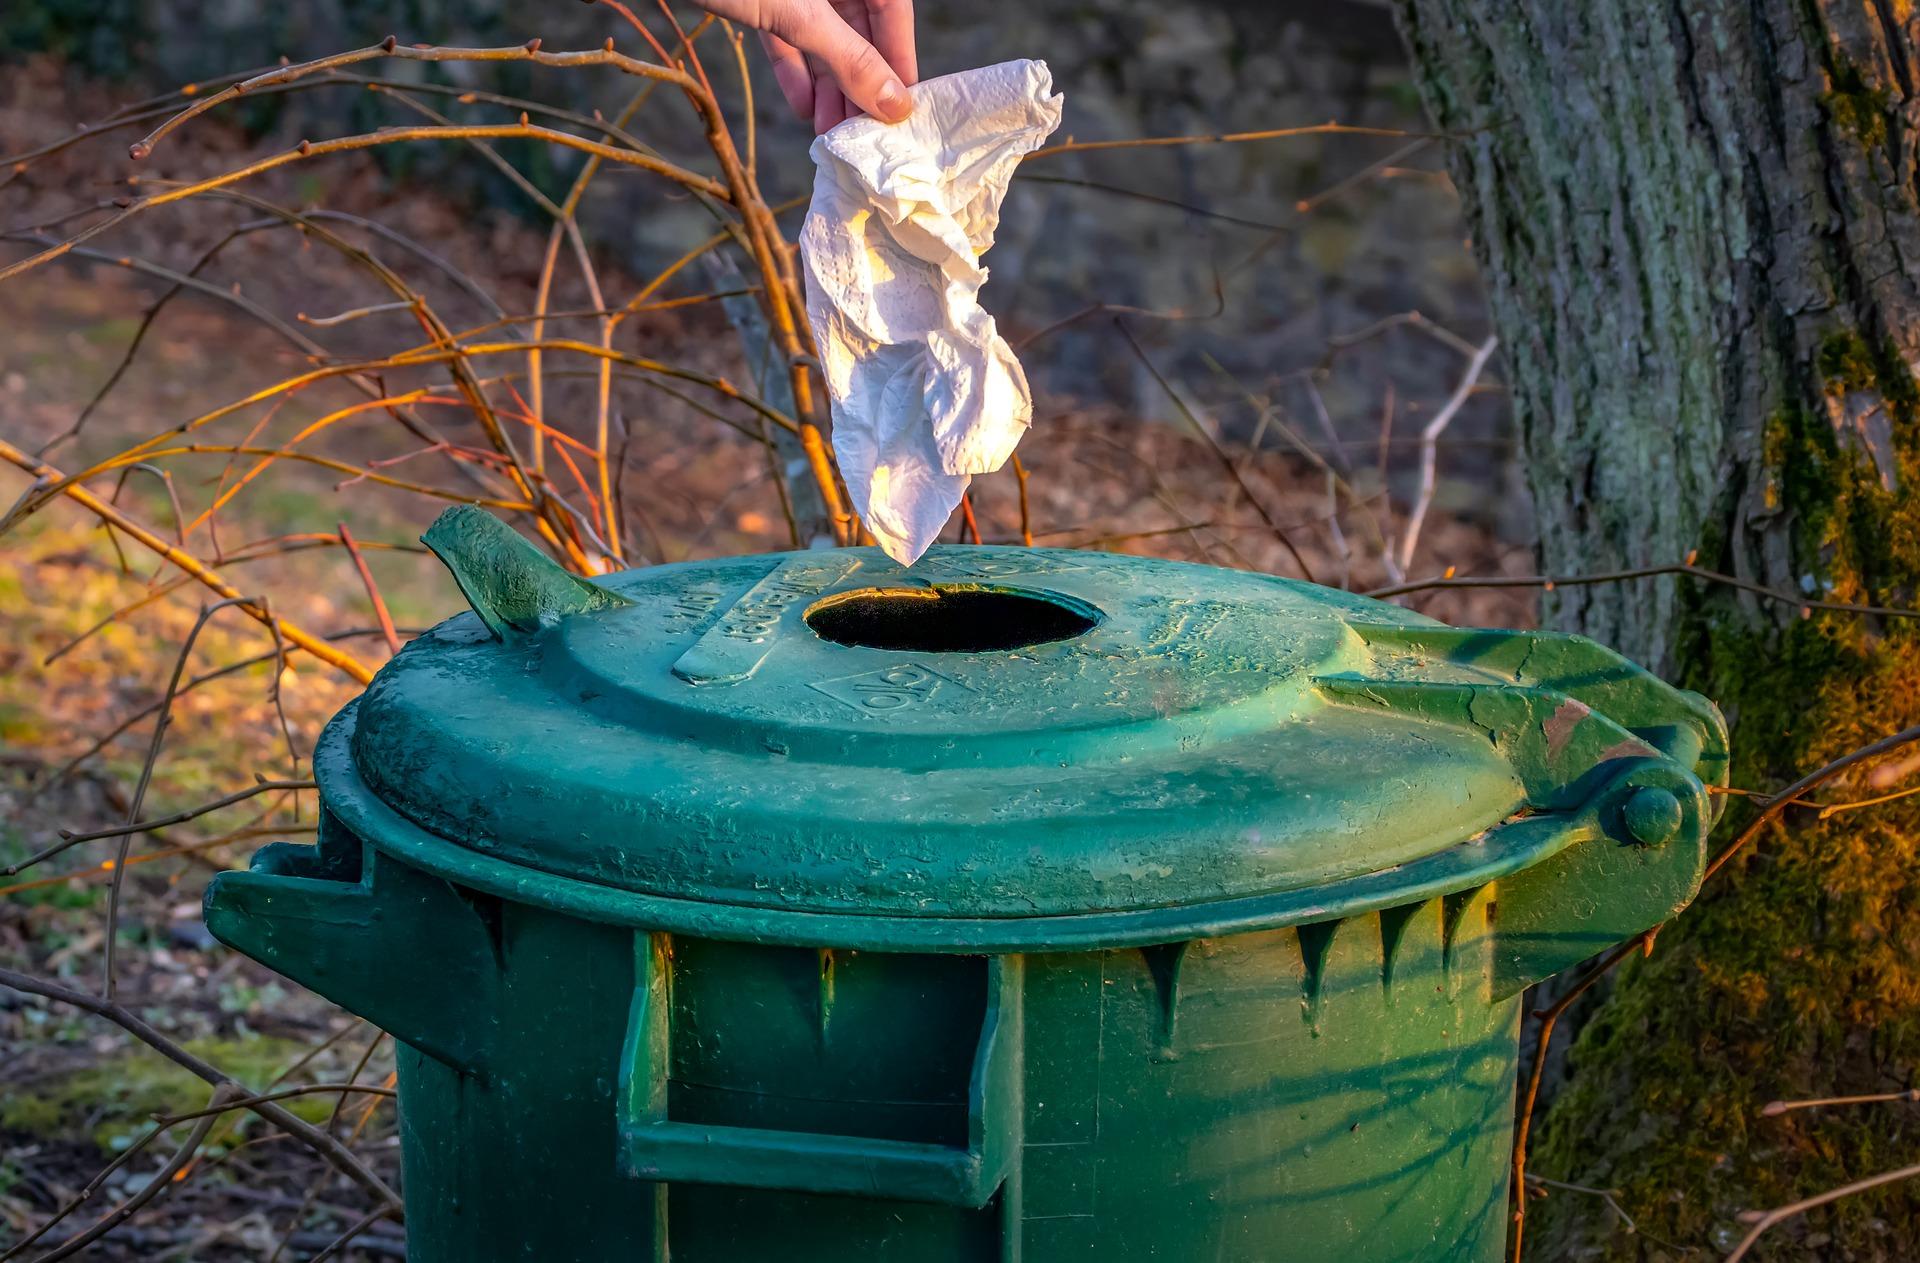 garbage disposal bin